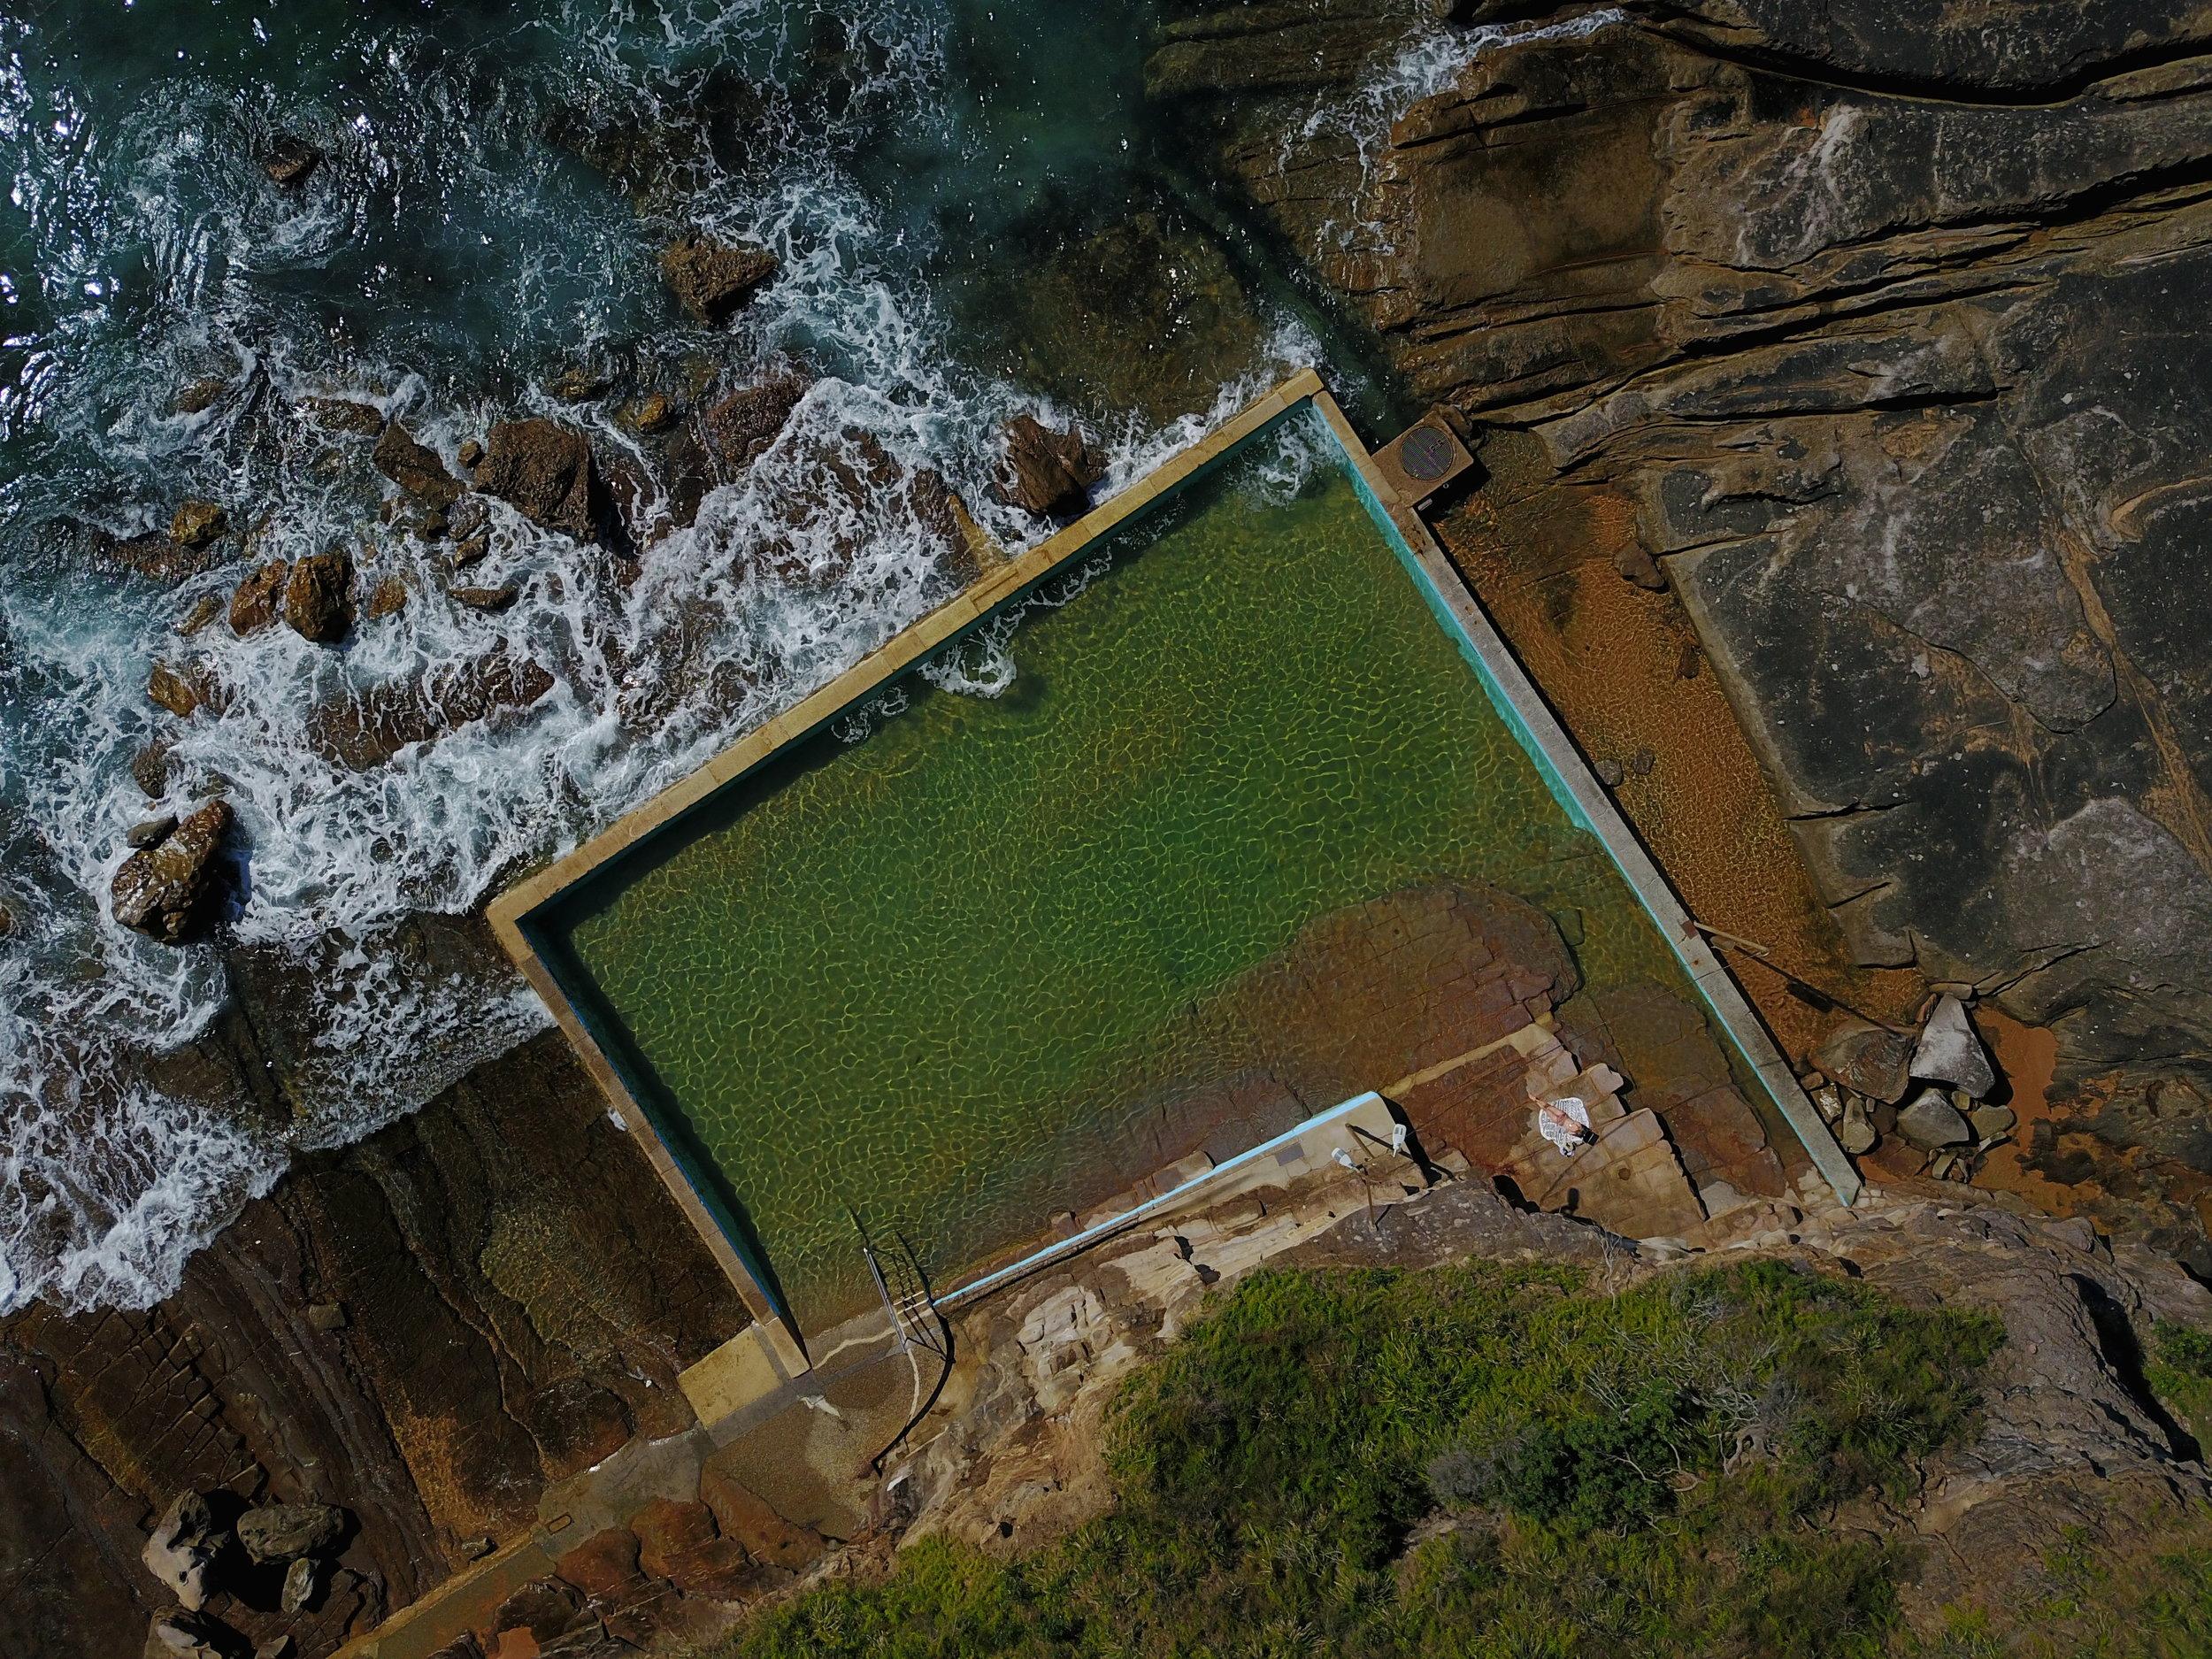 whale beach - whale beach ocean pool, nsw